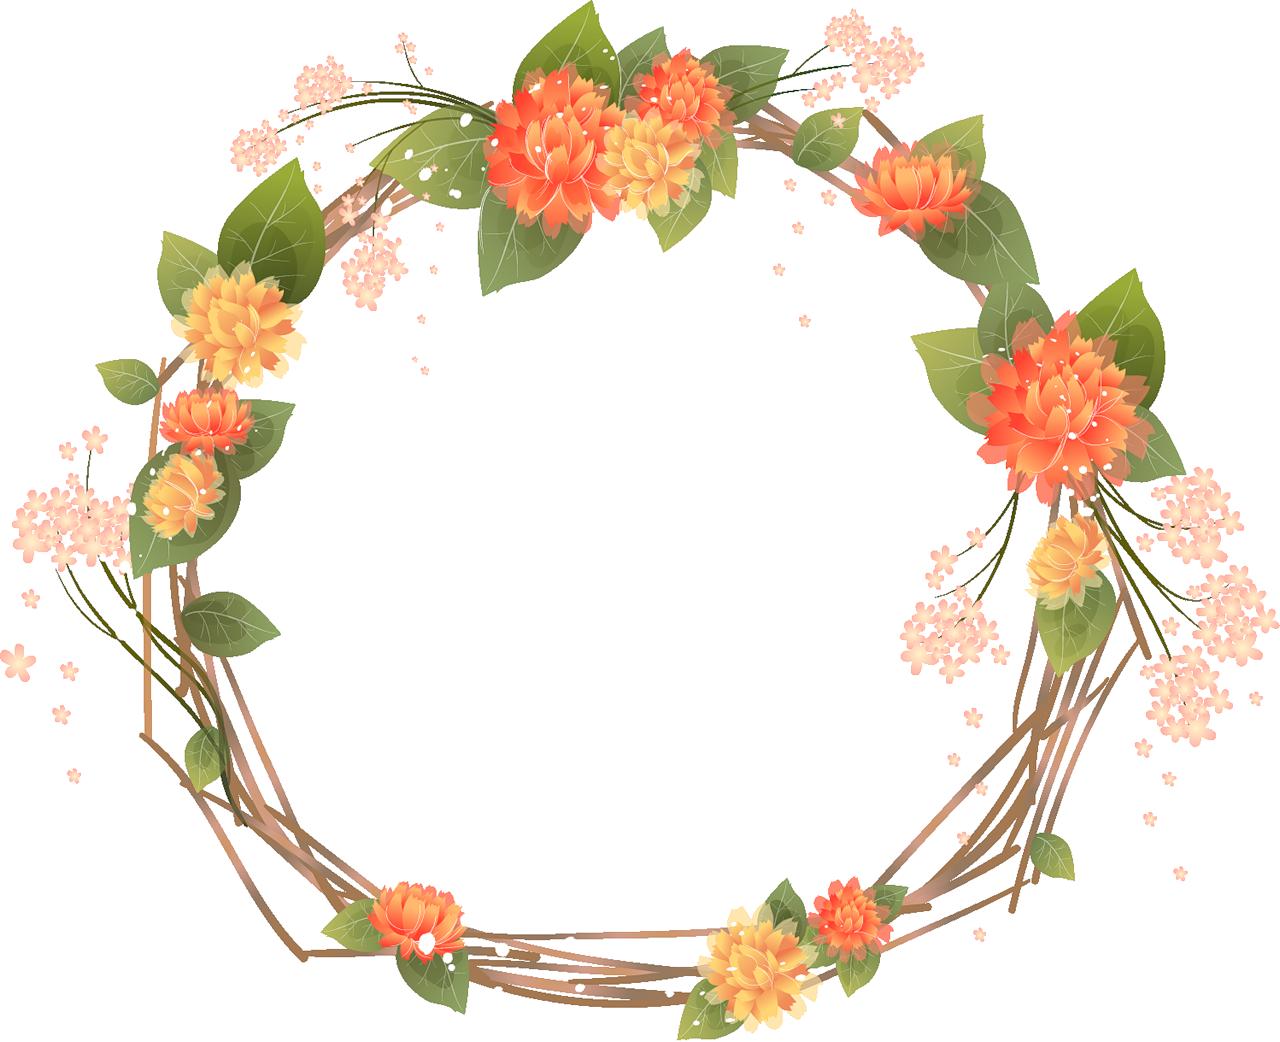 Transparent mexican flower clipart - Orange Flower Clipart Frame - Floral Frame Png Transparente